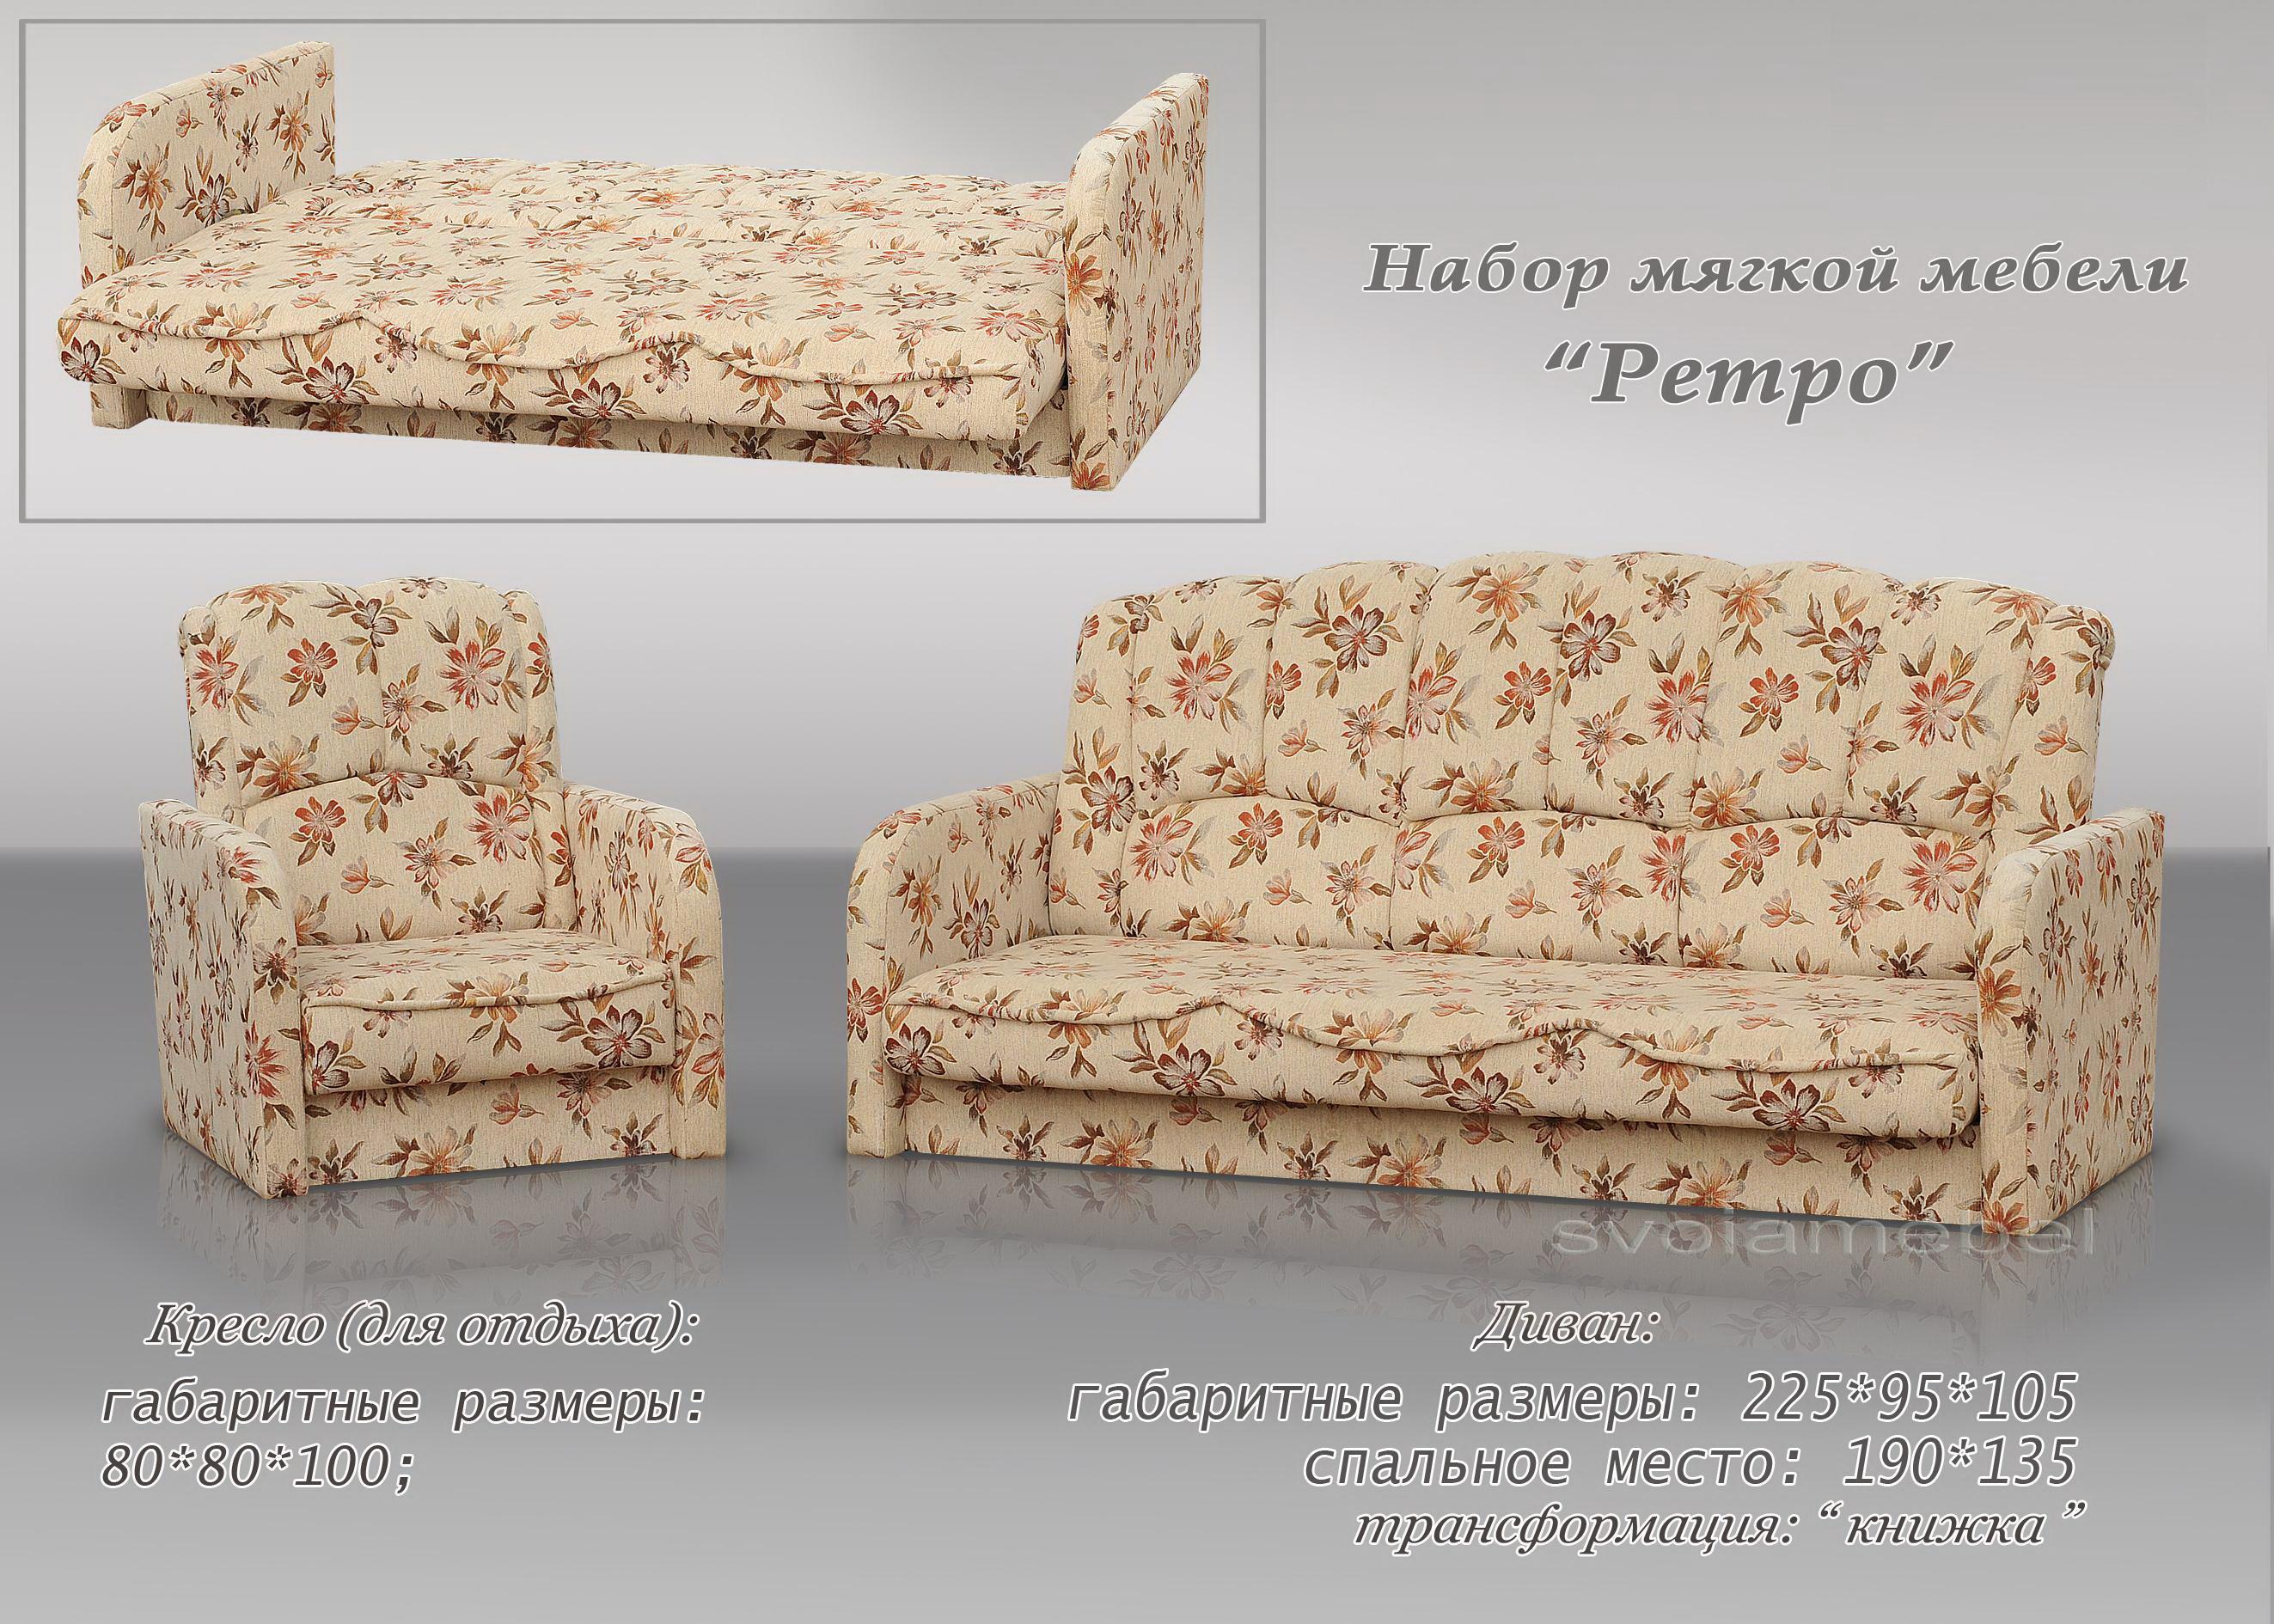 Комплект мягкой мебели Ретро 3+1+1Комплекты мягкой мебели<br>Конструкция очень легко раскладывается, превращаясь в удобное спальное место.<br><br>Механизм: Книжка<br>Полный размер: 205*100*80 см<br>Спальное место: 125*190 см<br>Размер кресла: 110*90*90 см<br>Наполнитель: Пружинный блок, короб ППУ по периметру<br>Комплектация: Ящик для белья<br>Изготовление и доставка: 3-5 дней<br>Условия доставки: Бесплатная по Москве до подъезда<br>Условие оплаты: Оплата наличными при получении товара